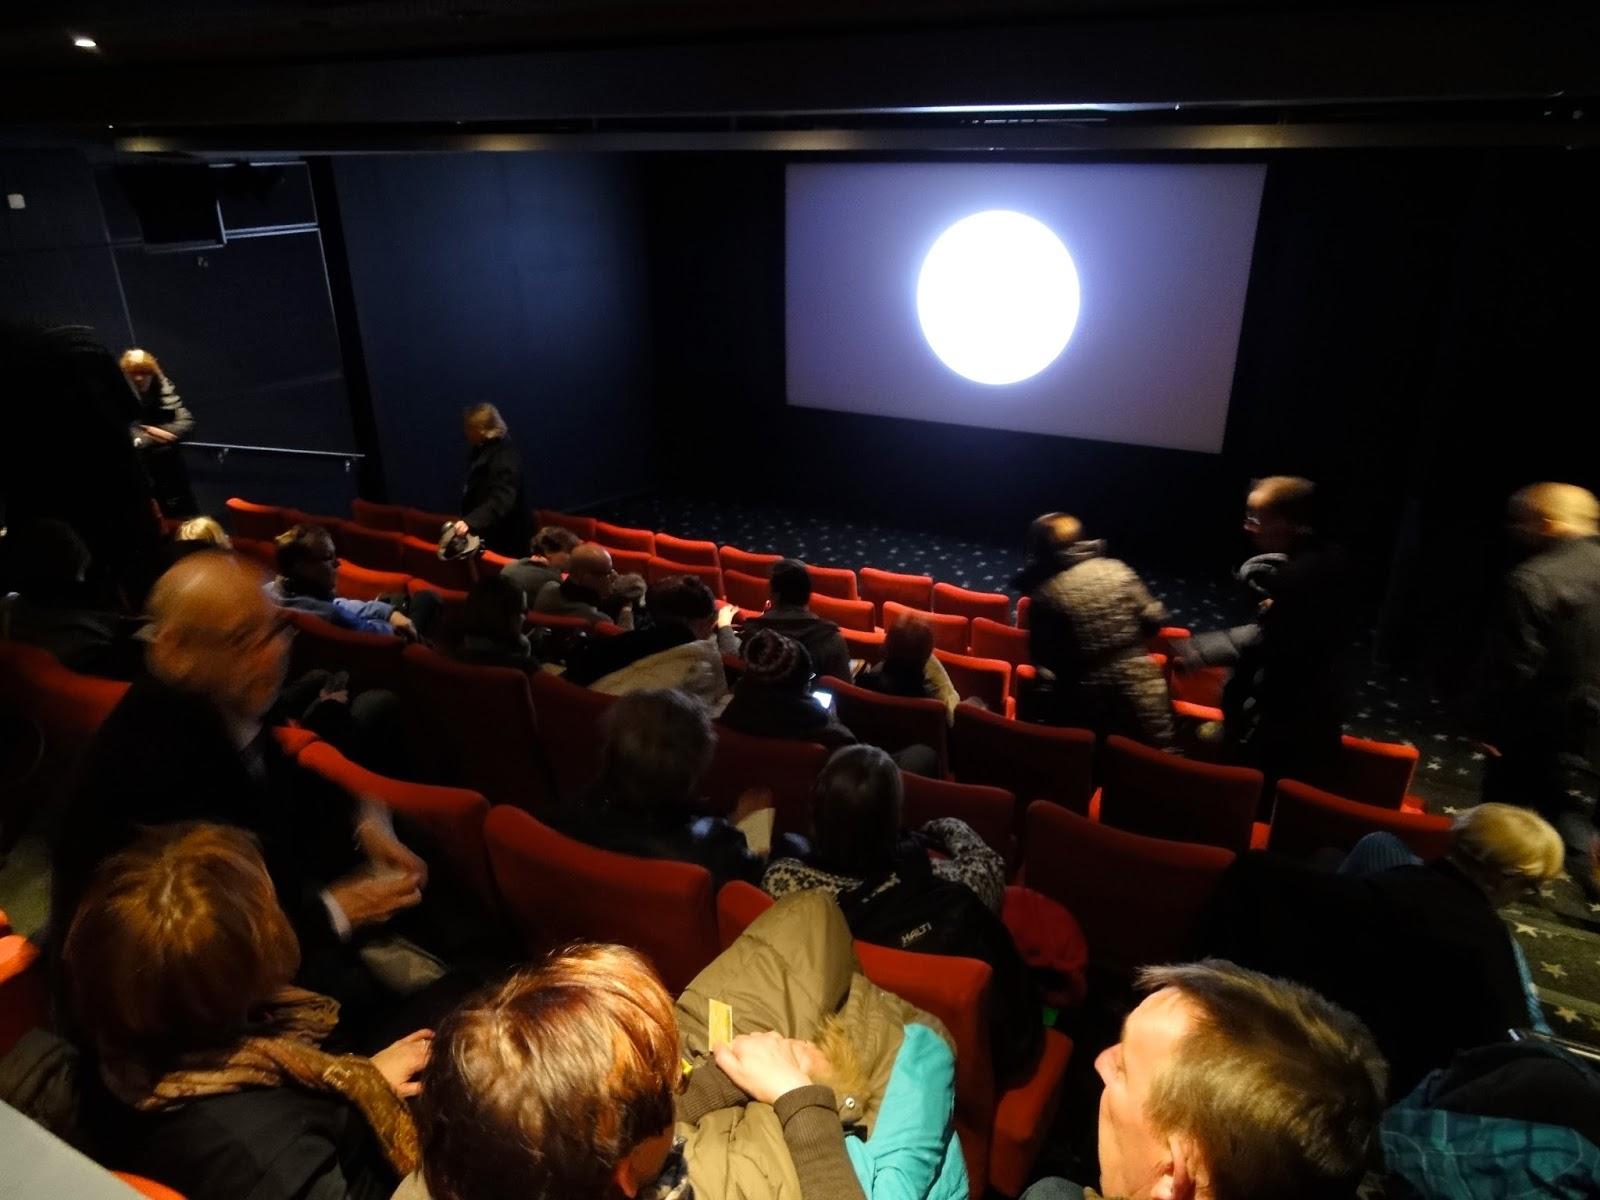 Elokuvateattereita: Finnkino Kinopalatsi (Bio Metropol, Boston, Formia)